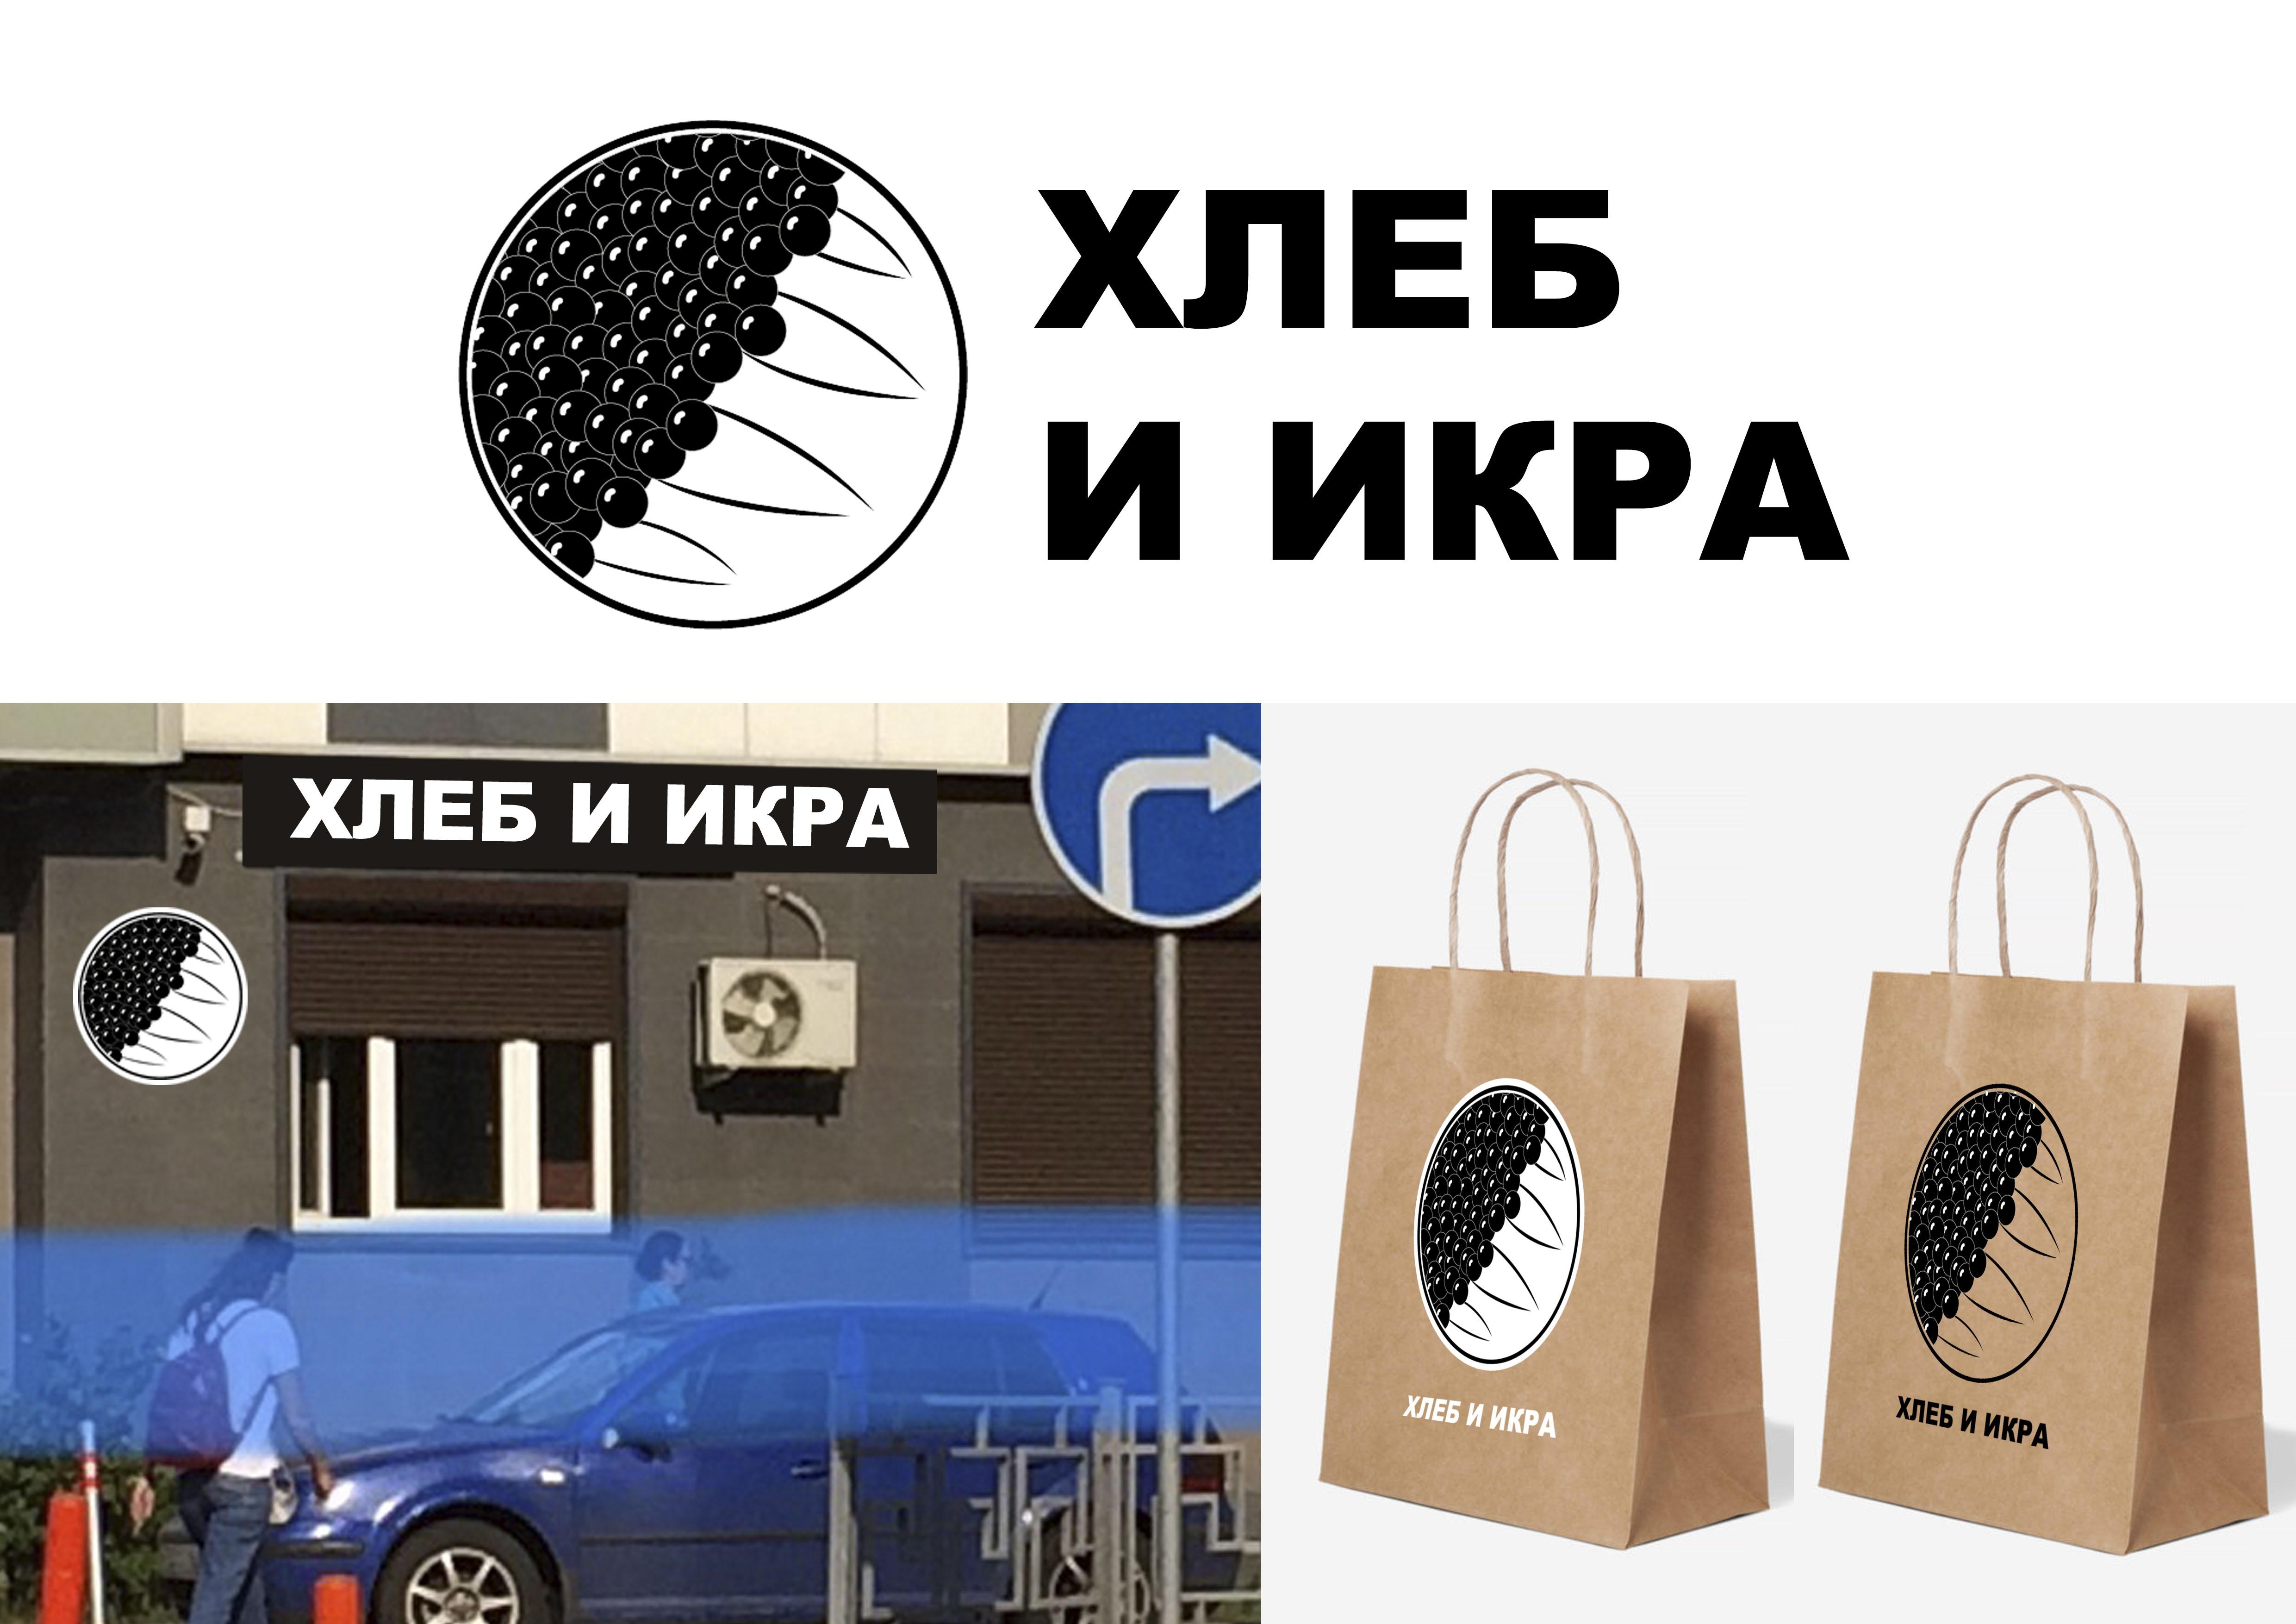 Разработка логотипа (написание)и разработка дизайна вывески  фото f_3865d7ea1f88849a.jpg